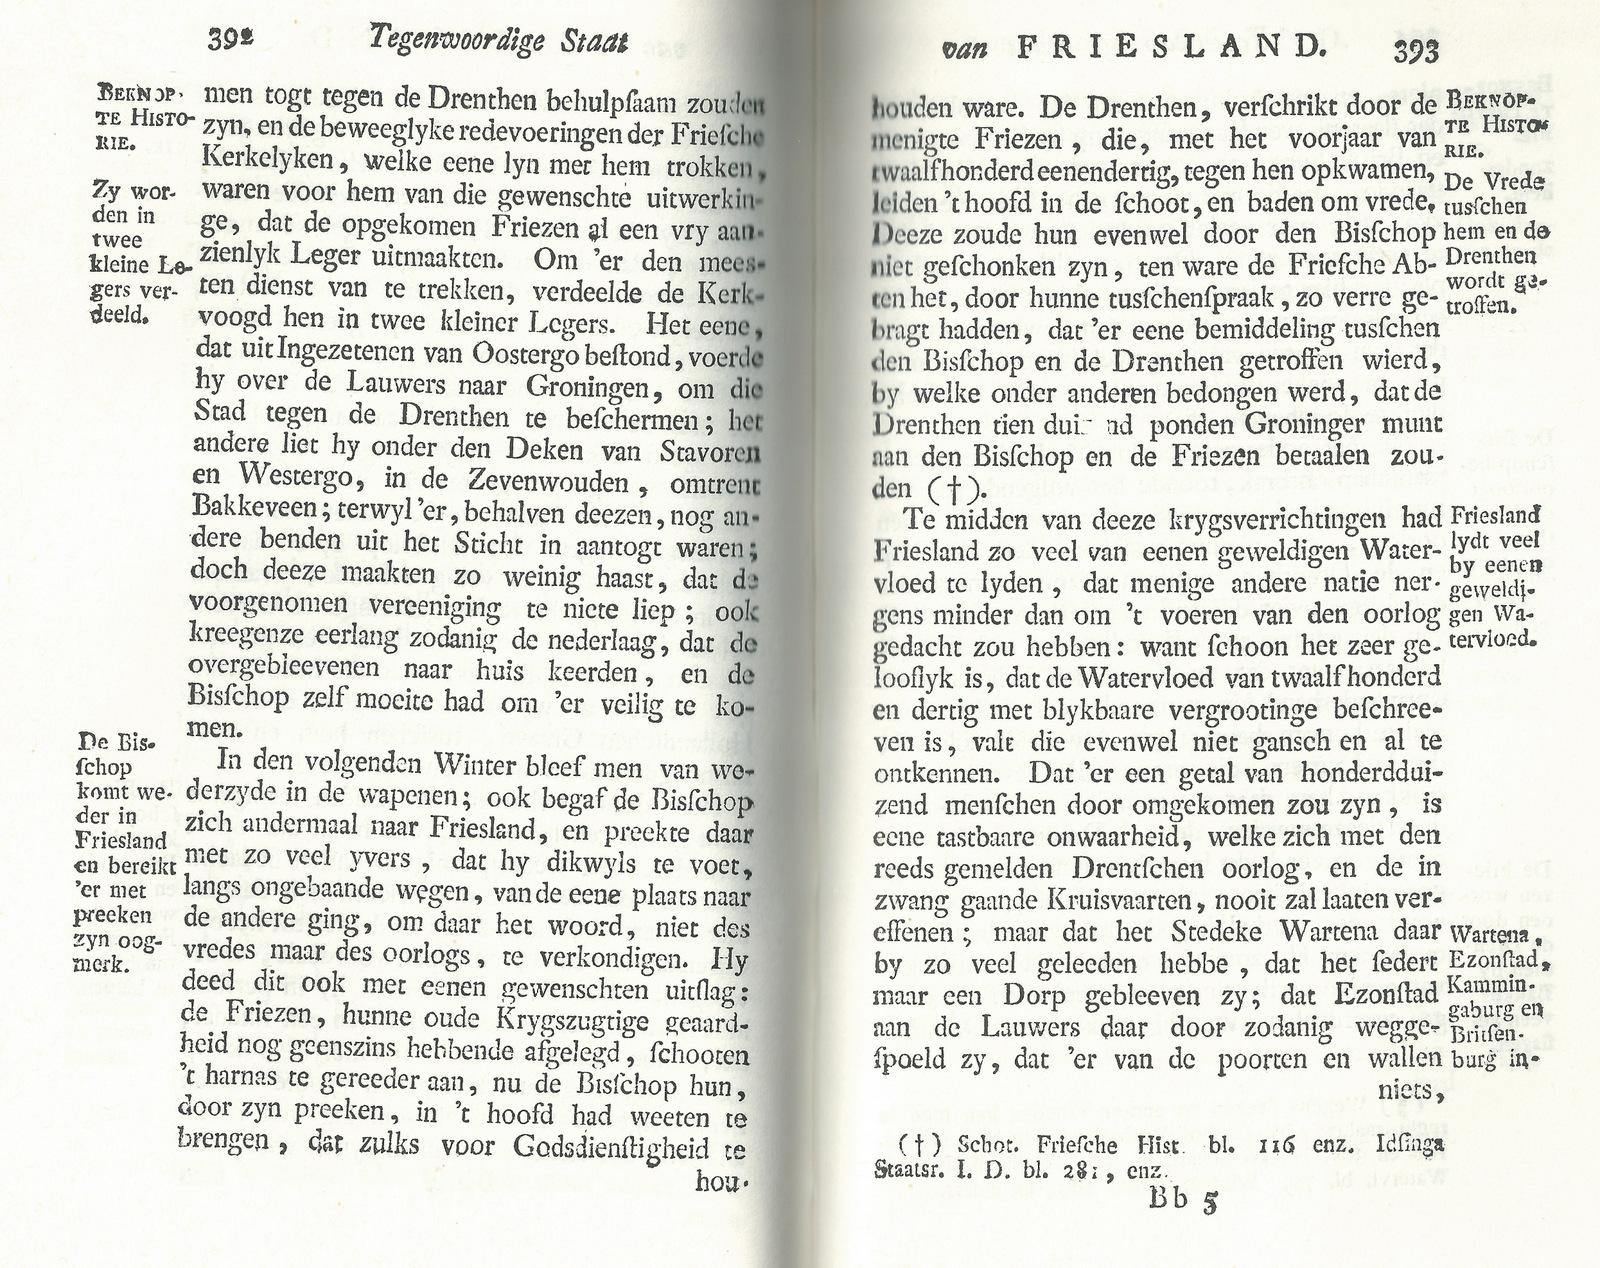 Tegenwoordige-staat-van-Friesland-1785-pagina-392-393.jpg